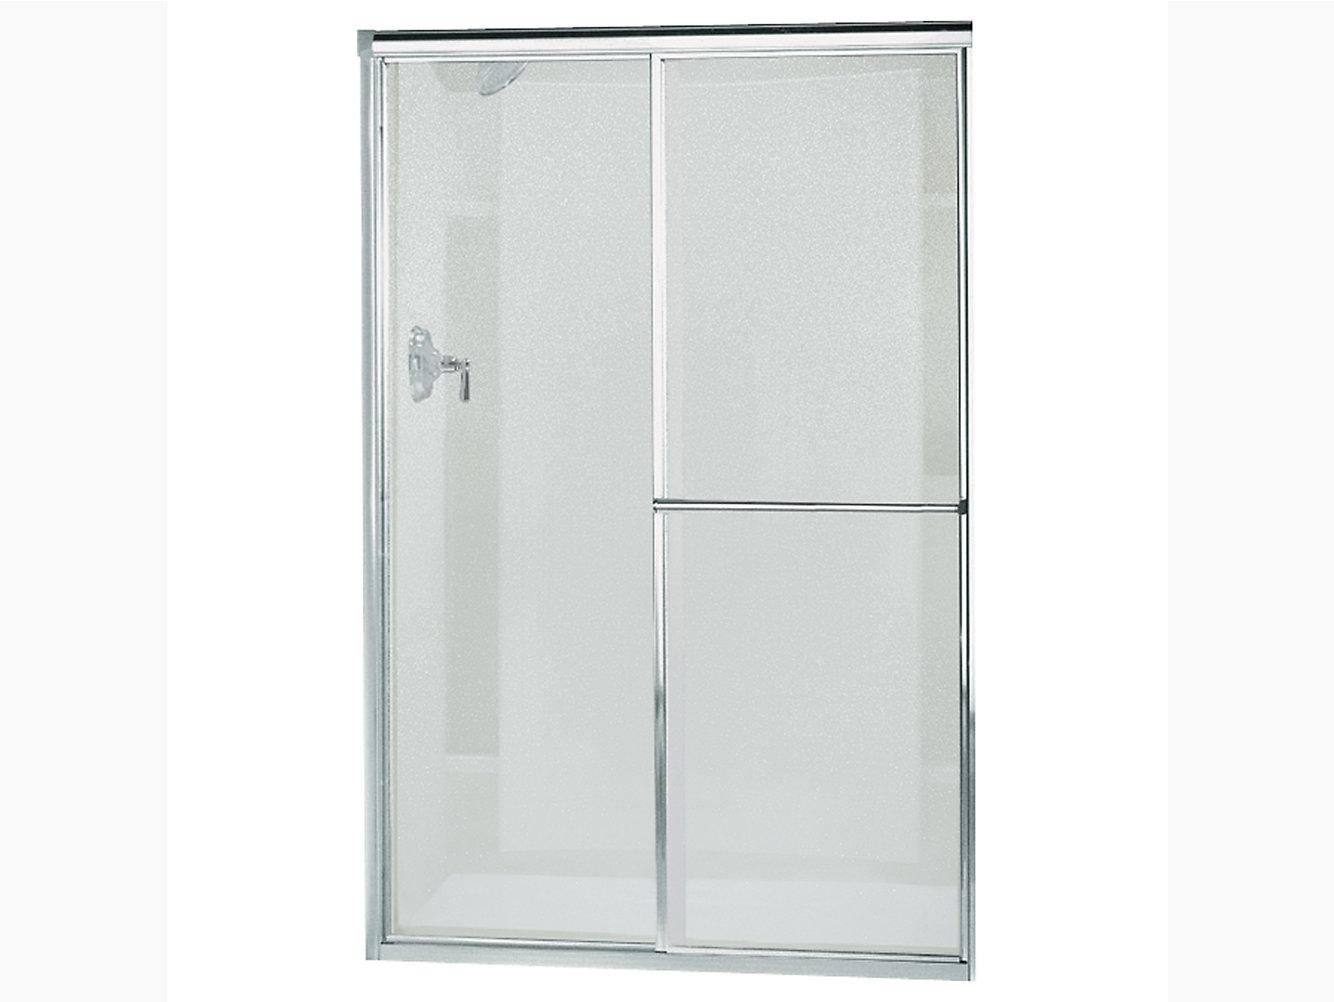 Deluxe Framed Sliding Shower Door 37 1242 12 W X 65 12 H